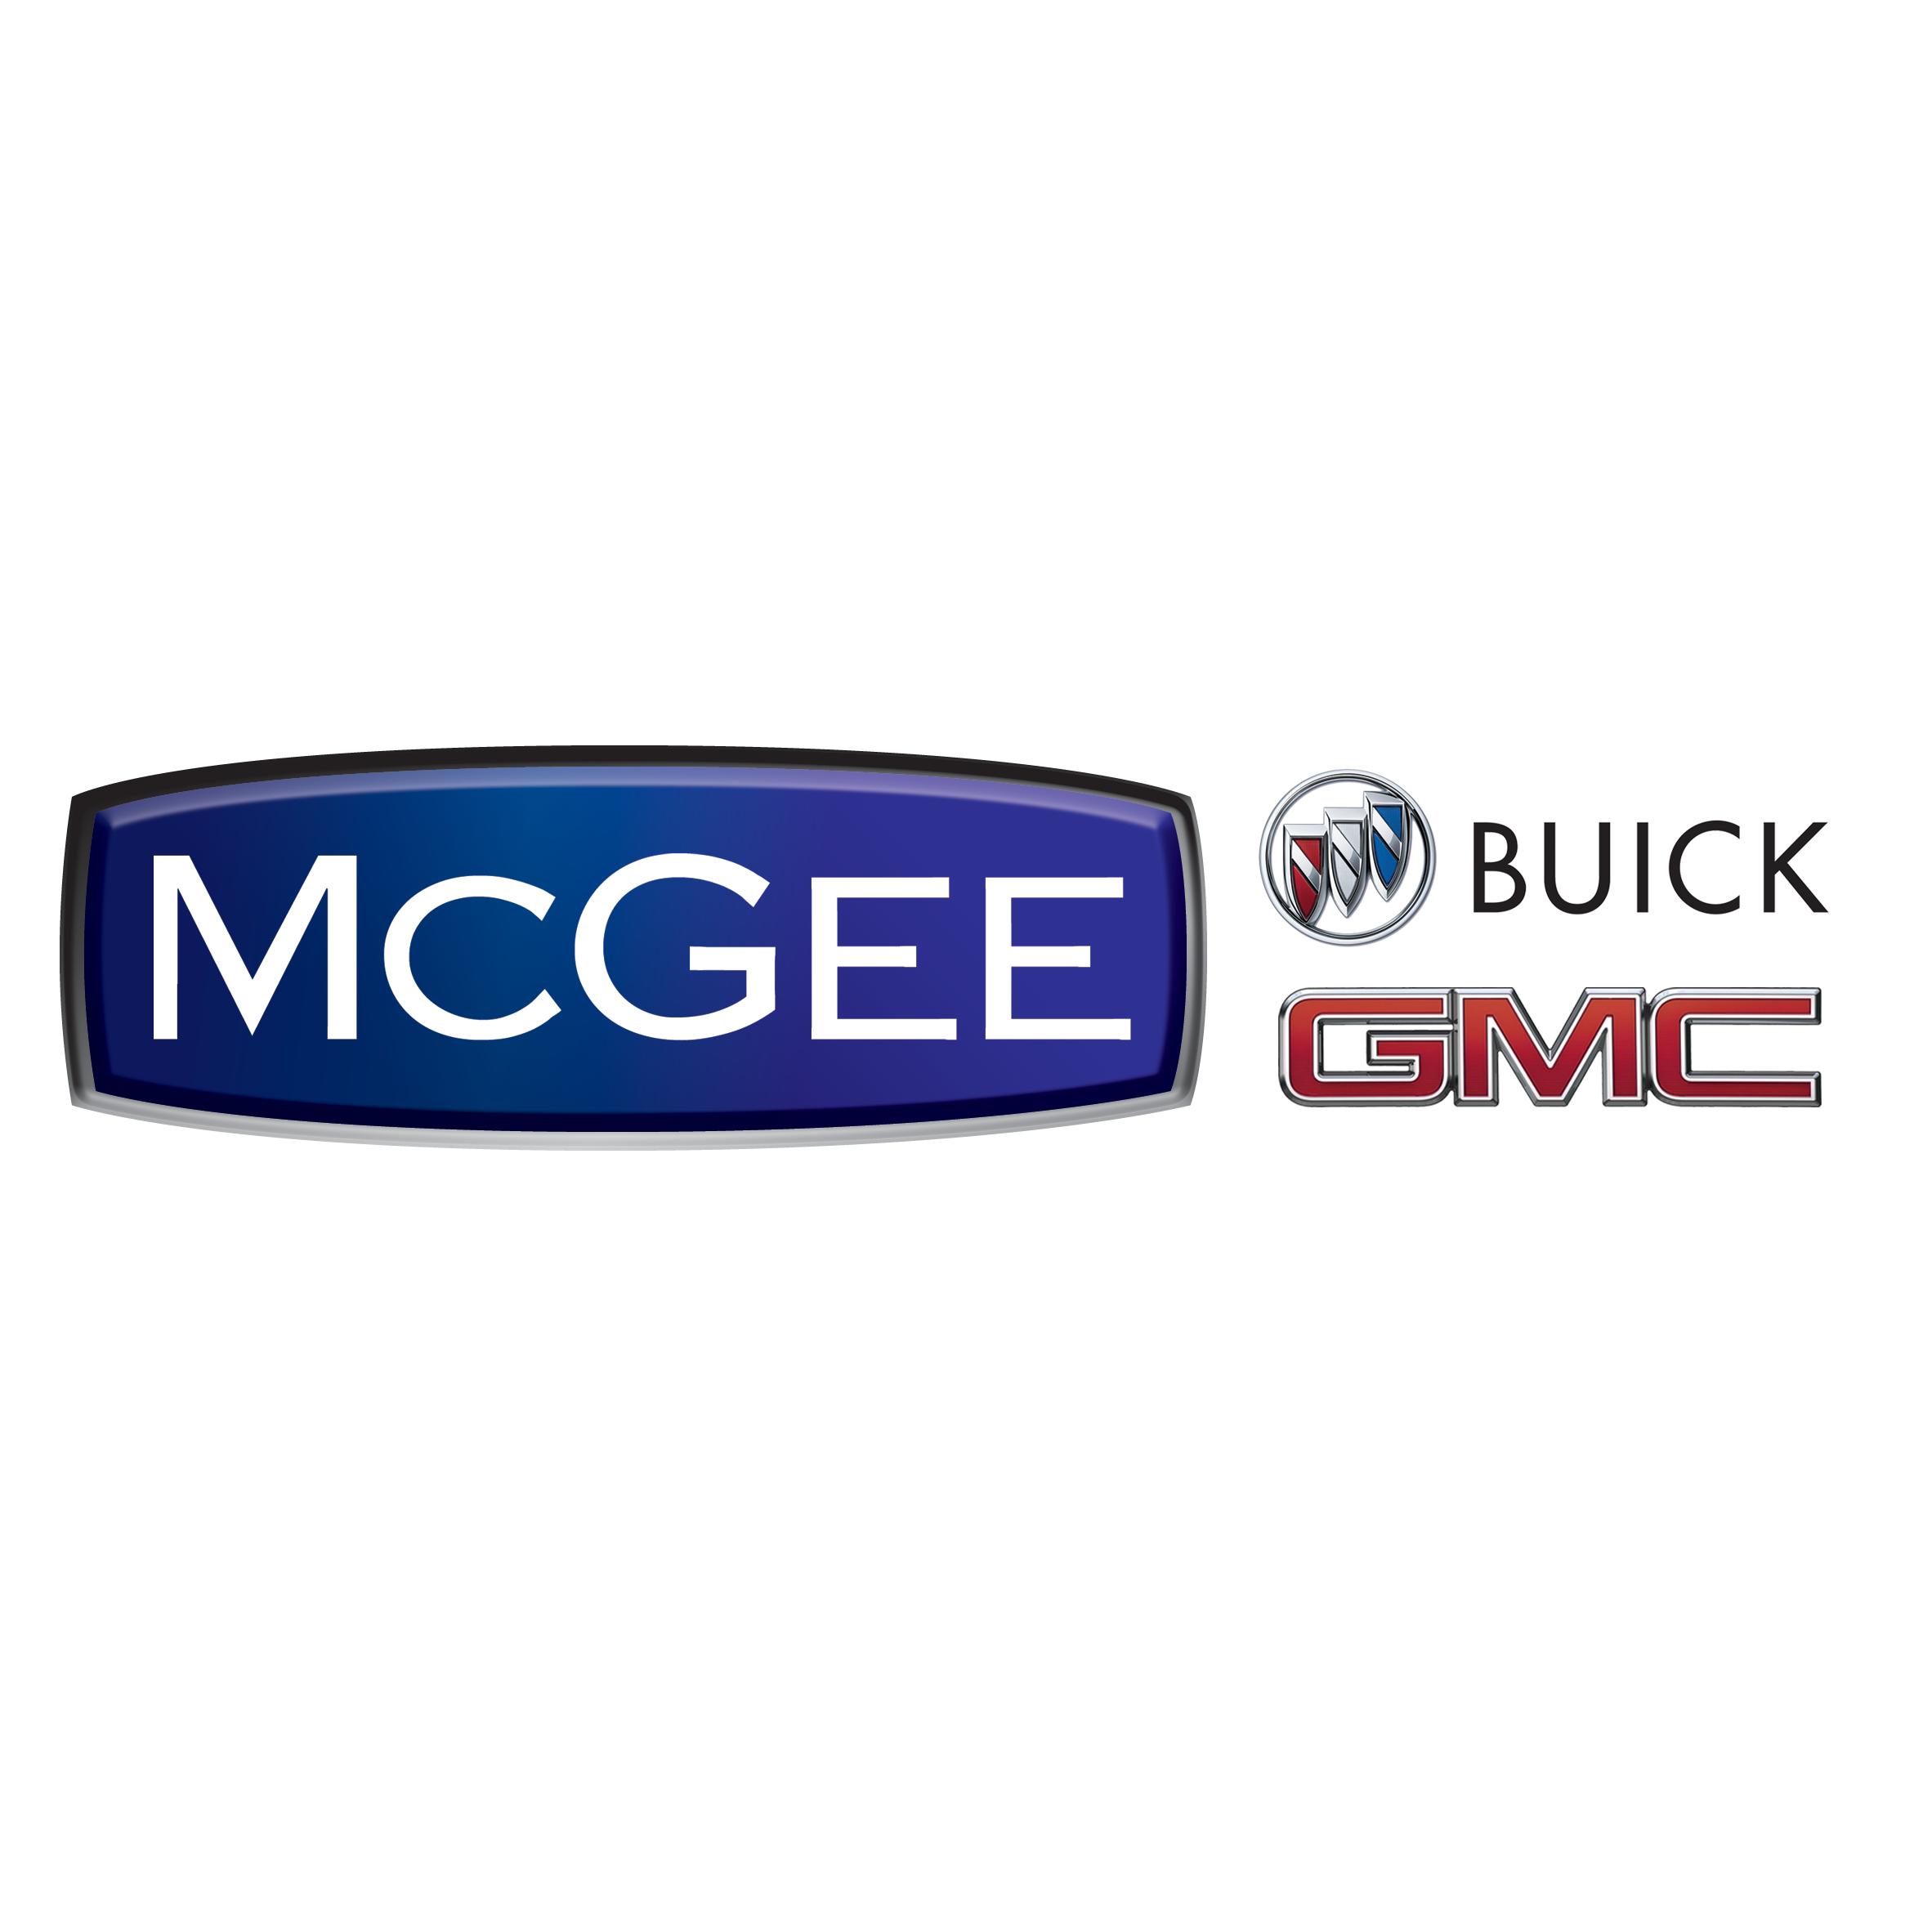 Buick coupon